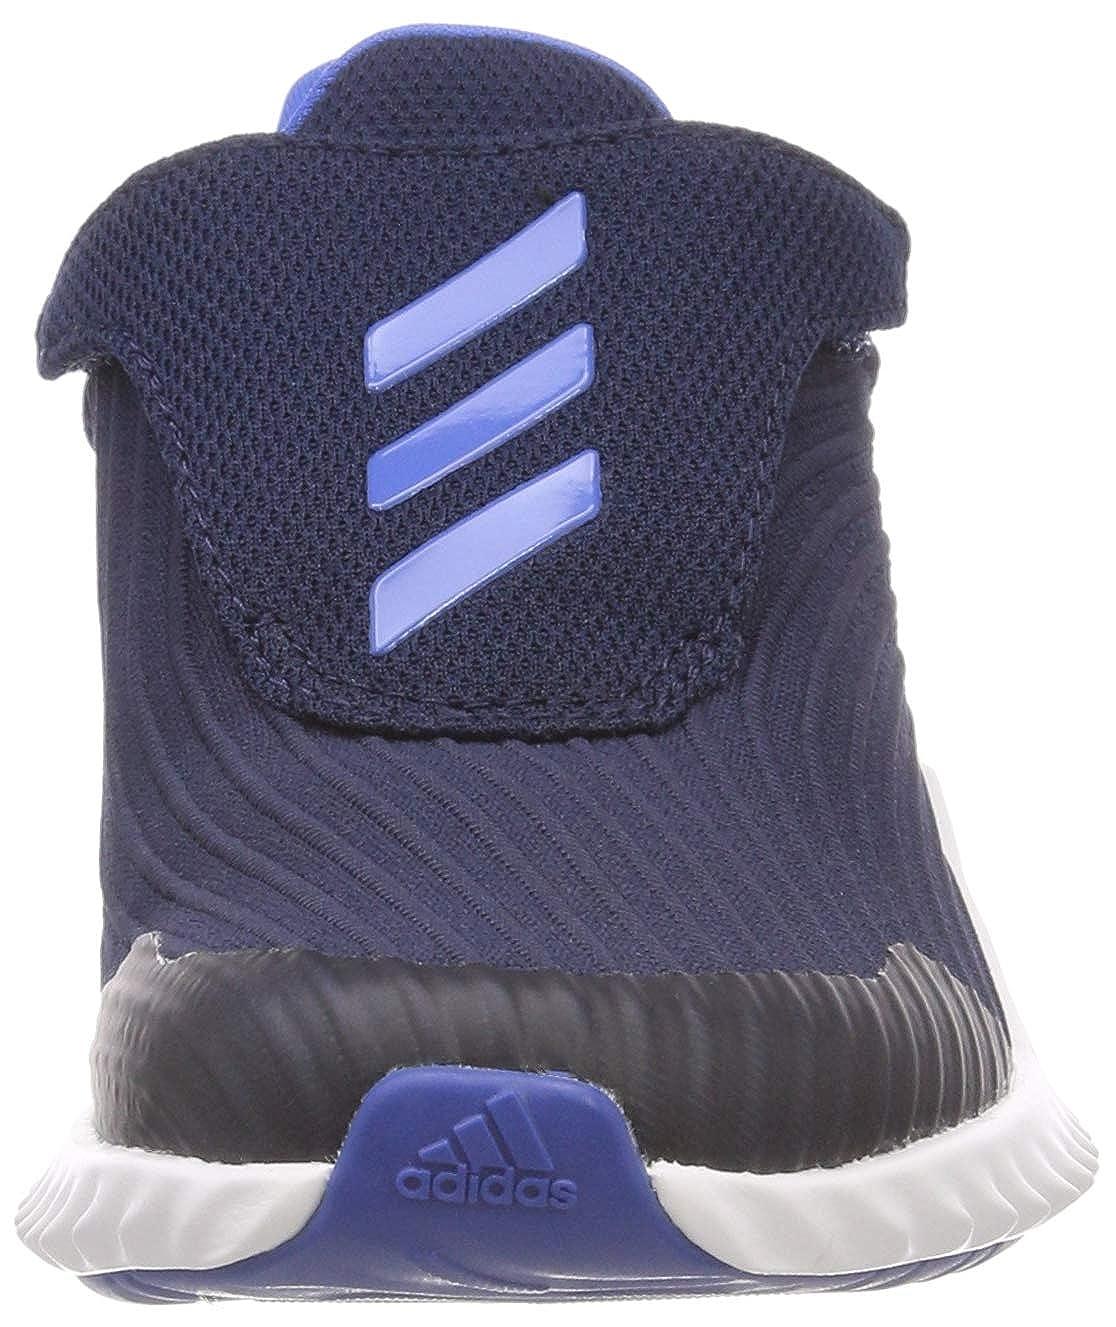 buy online 6adce ee1ac adidas Unisex-Kinder Fortarun Ac K Fitnessschuhe Amazon.de Schuhe   Handtaschen